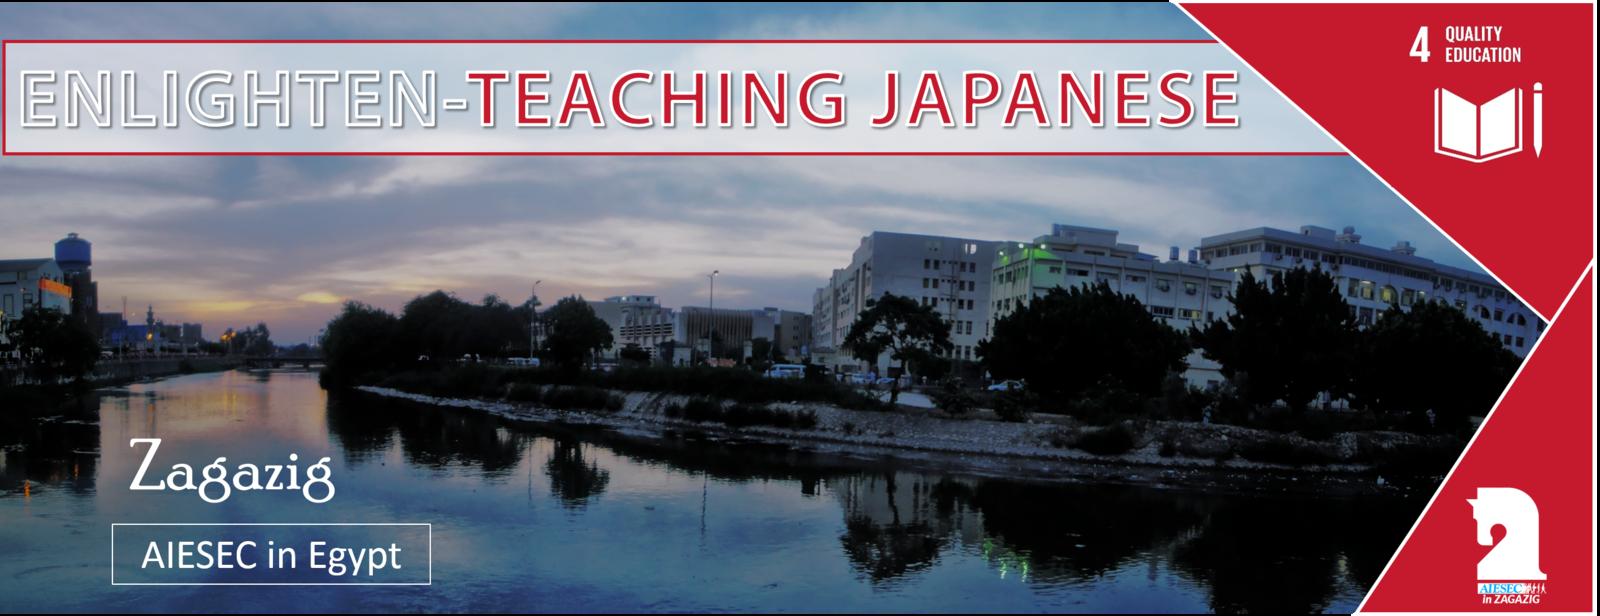 Enlighten - Teaching Japanese Opportunity in EGYPT #4